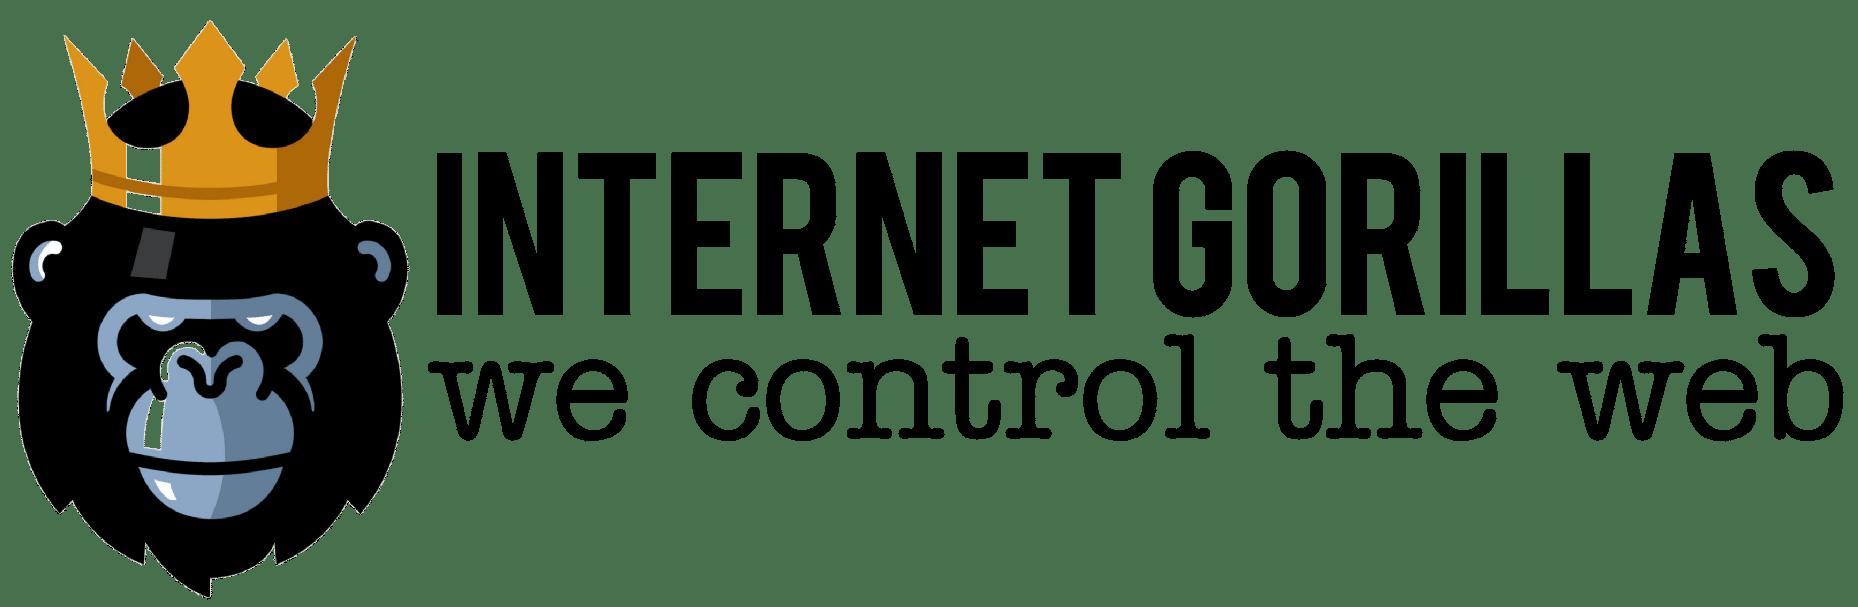 Internet Gorillas